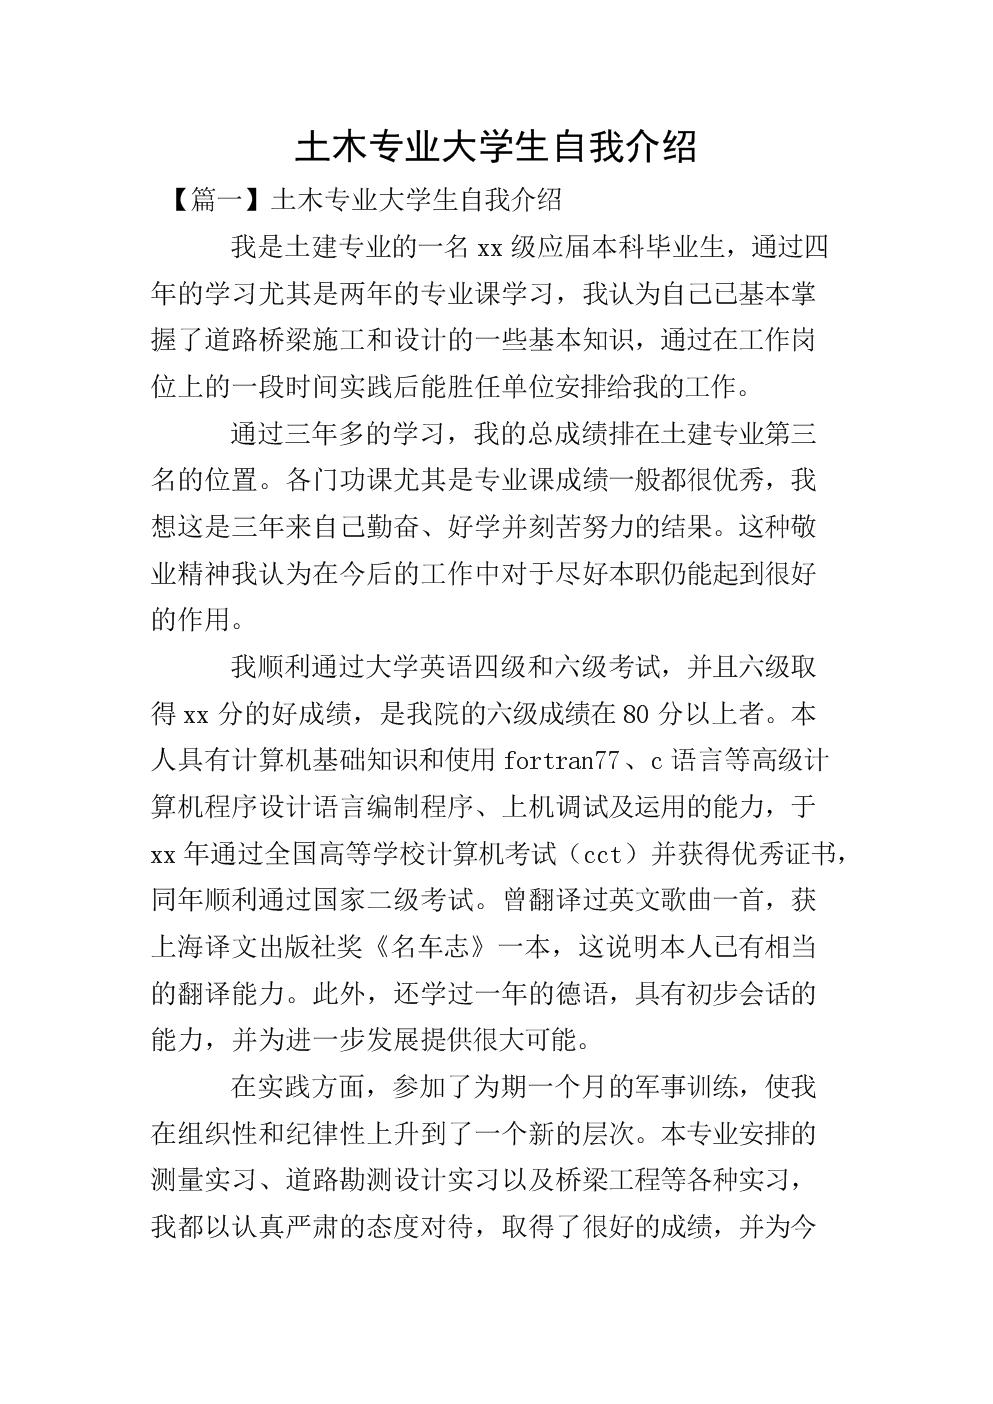 土木专业大学生自我介绍.doc